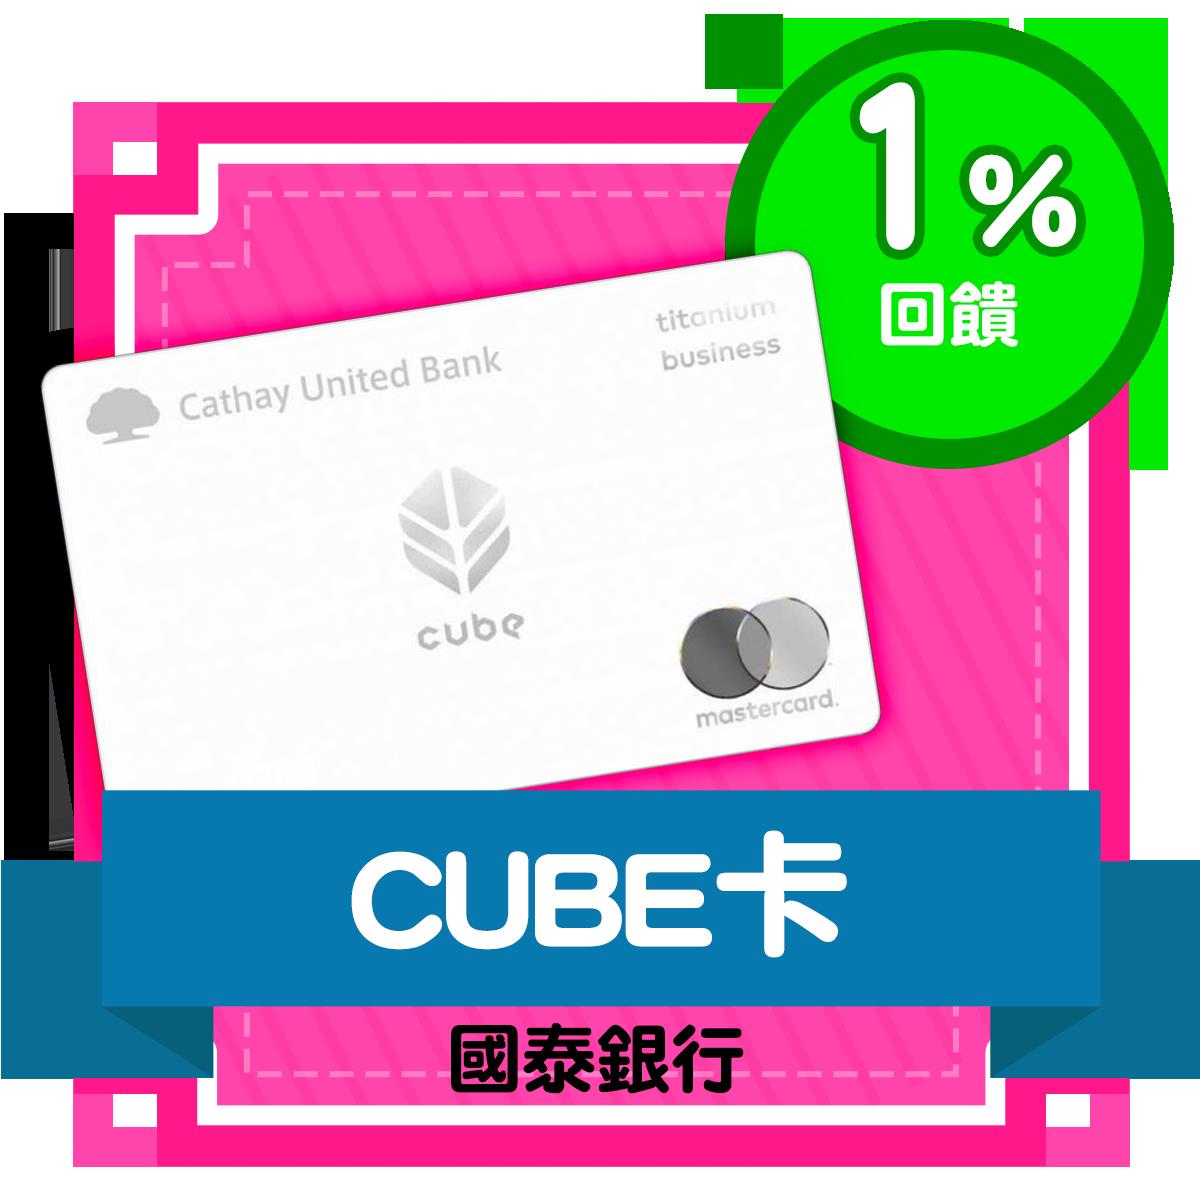 國泰銀行cube卡刷MyCard最高1%回饋